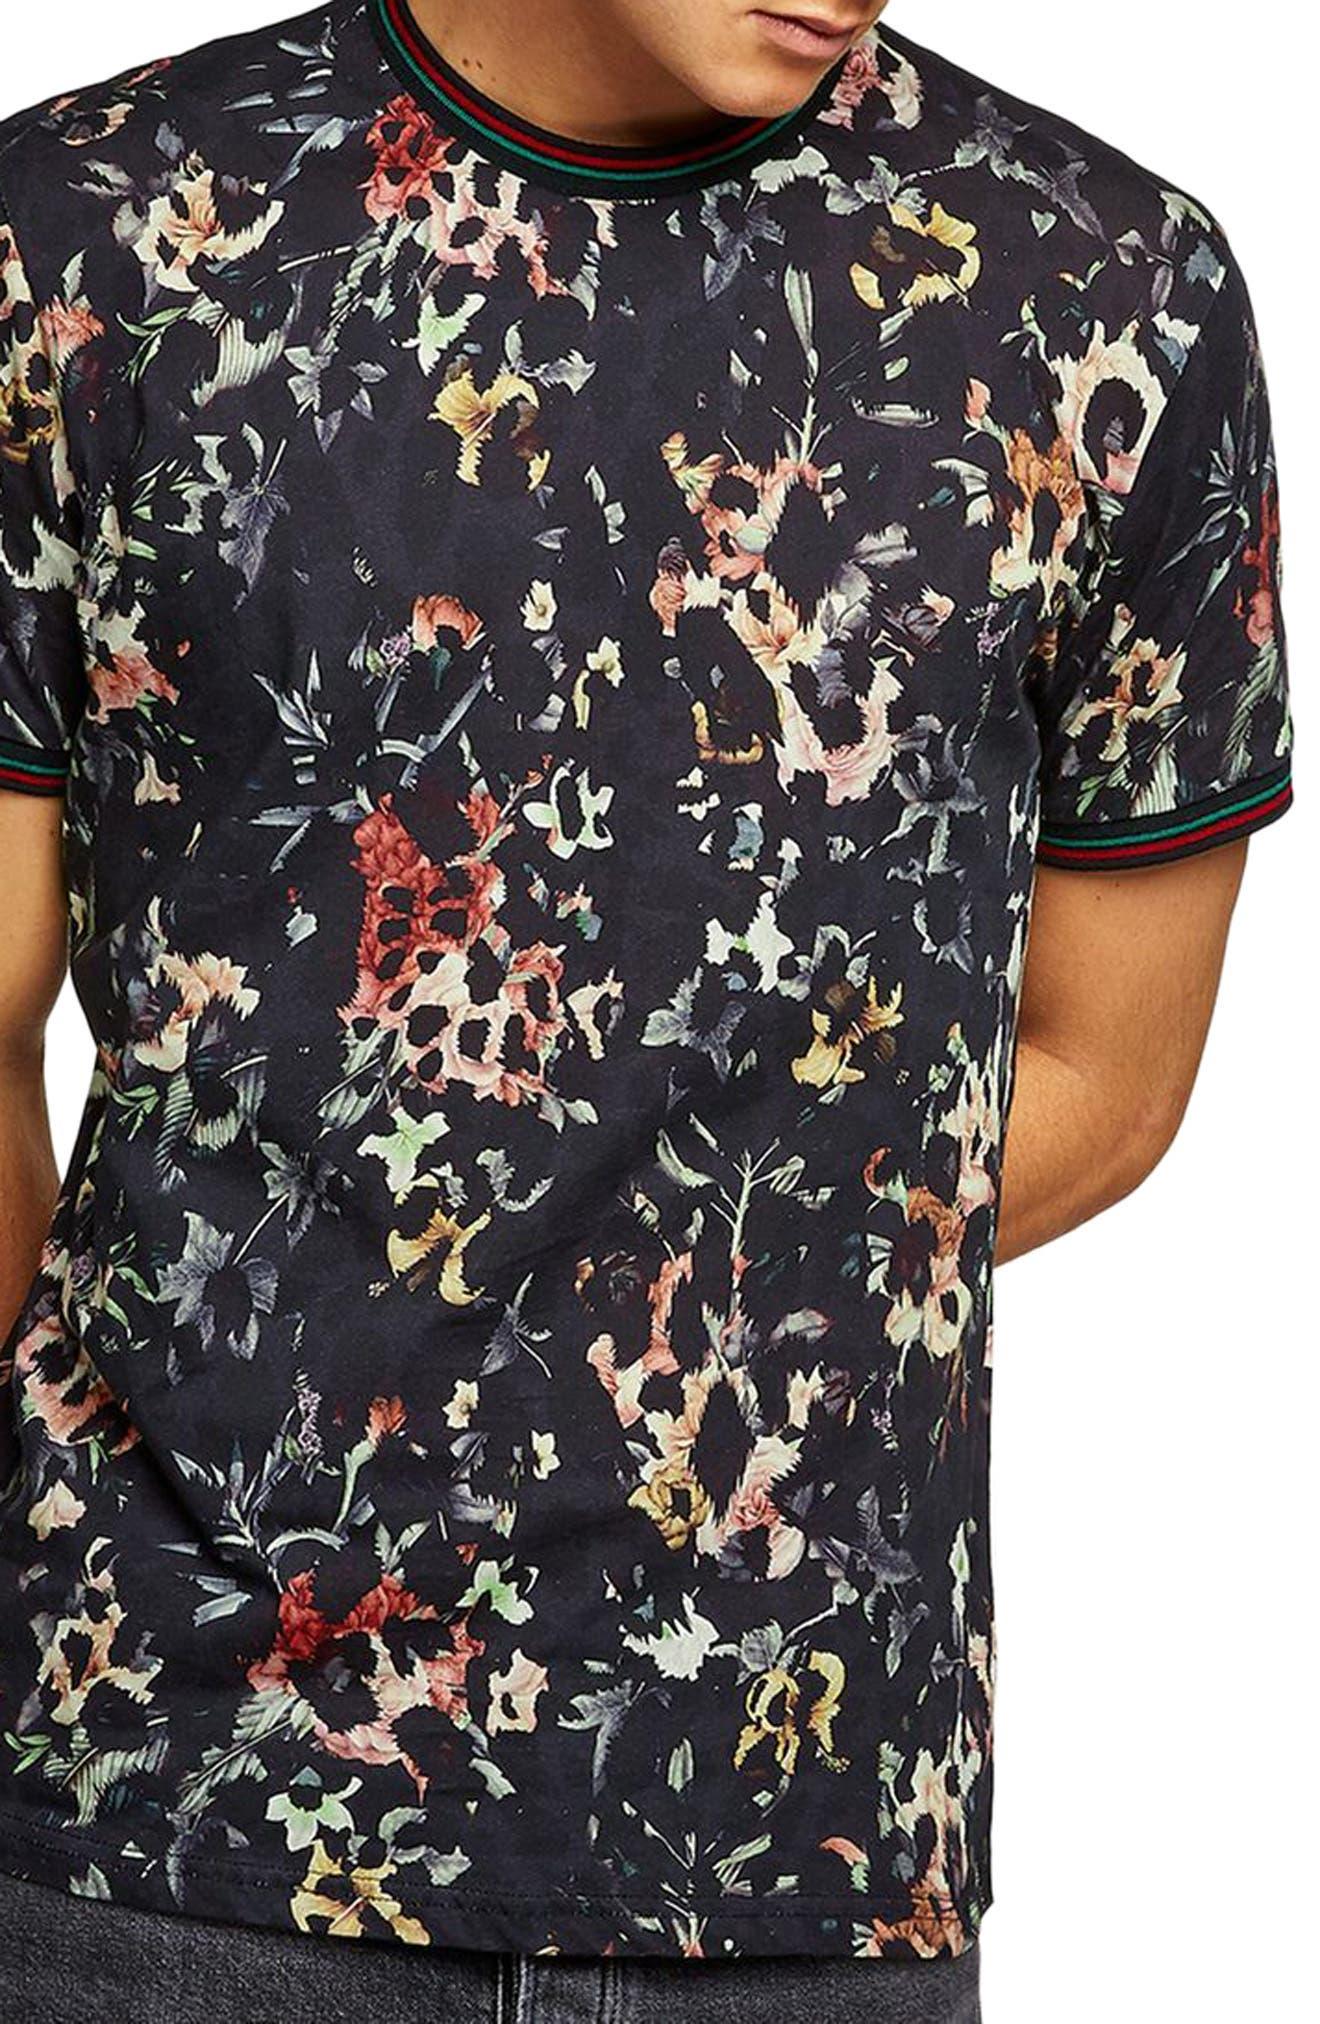 Floral Leopard Print T-Shirt,                             Main thumbnail 1, color,                             001